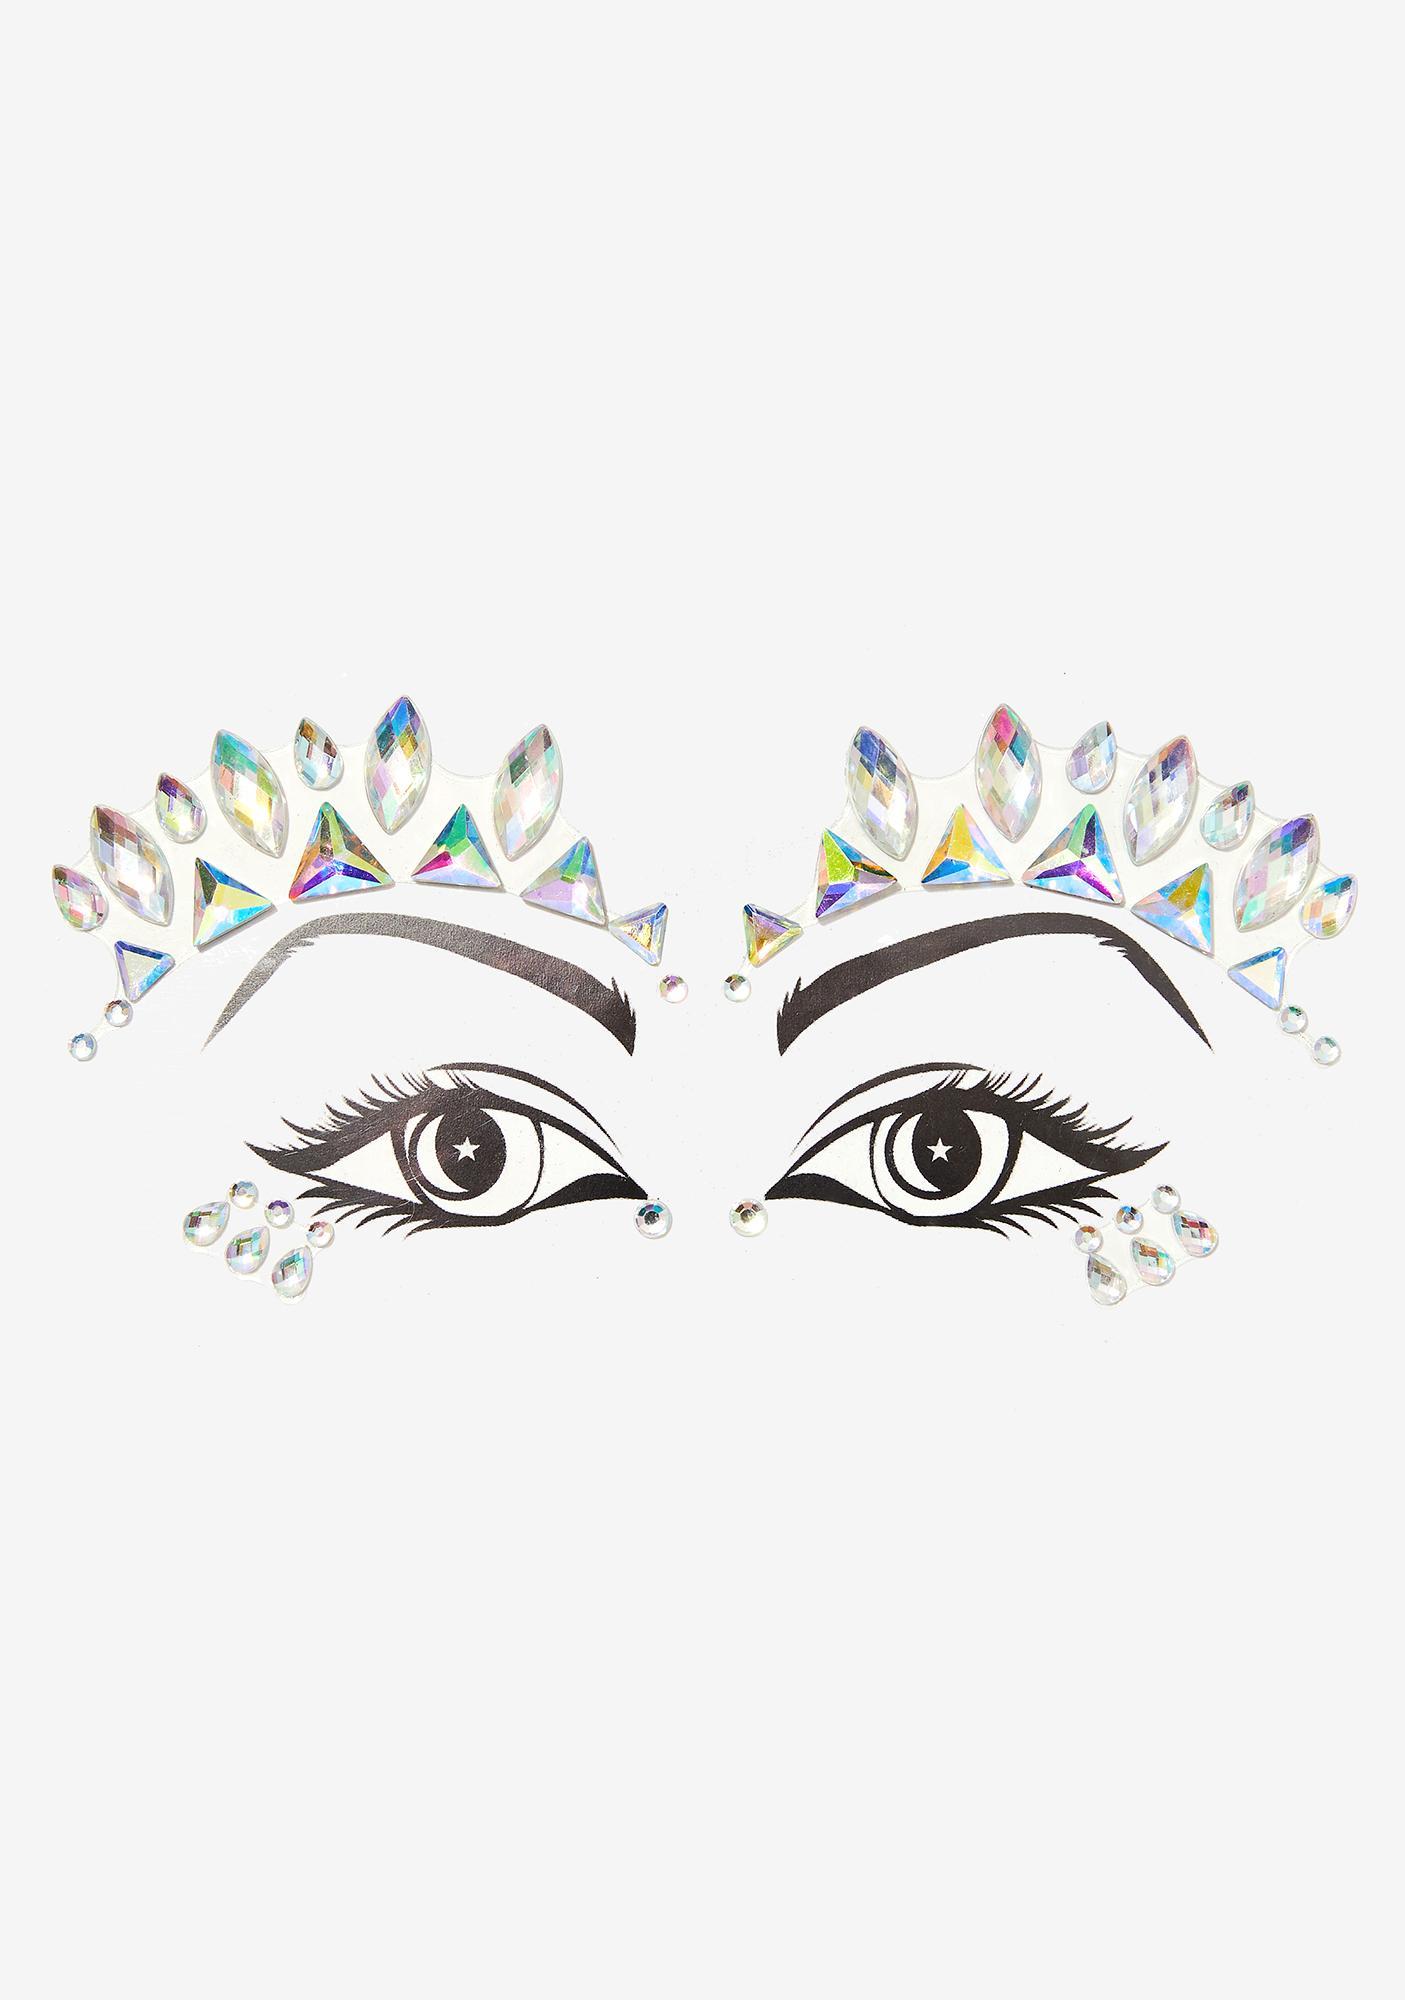 Lunautics Nefertiti Cosmic Face Crystals